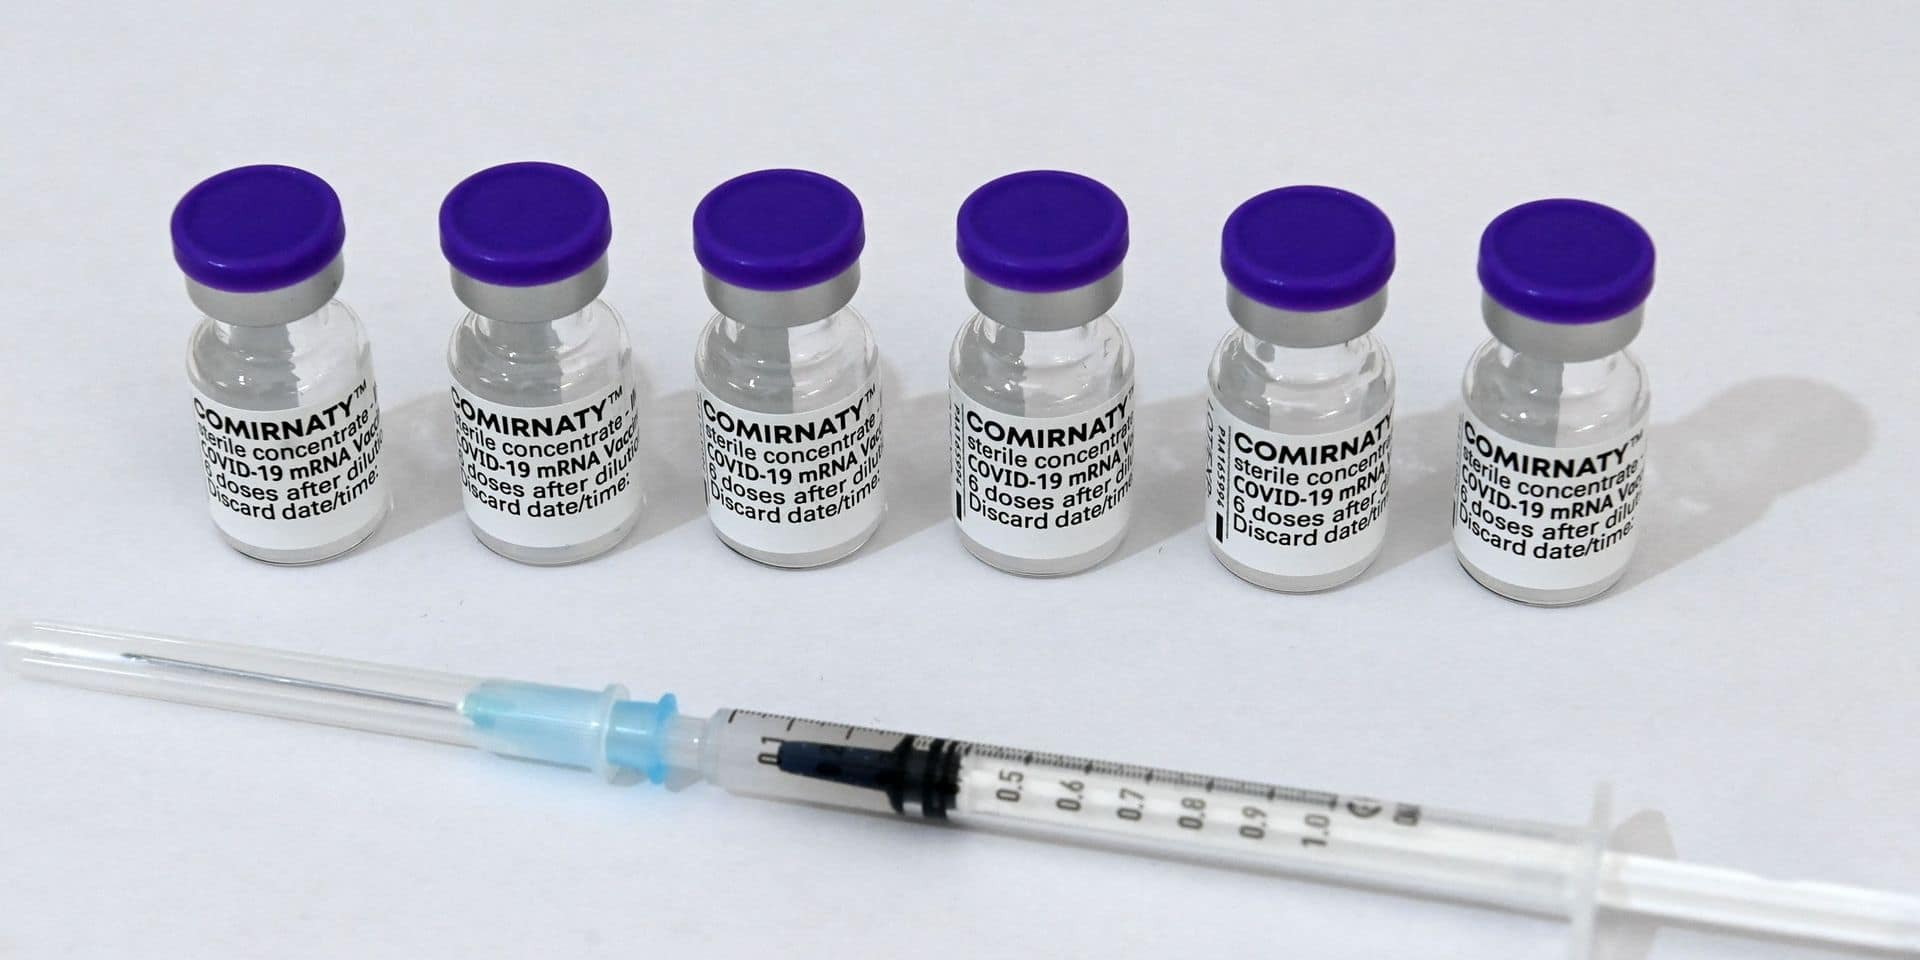 Les doses de vaccin anti-Covid saisies au Mexique et en Pologne sont bien des contrefaçons confirme Pfizer